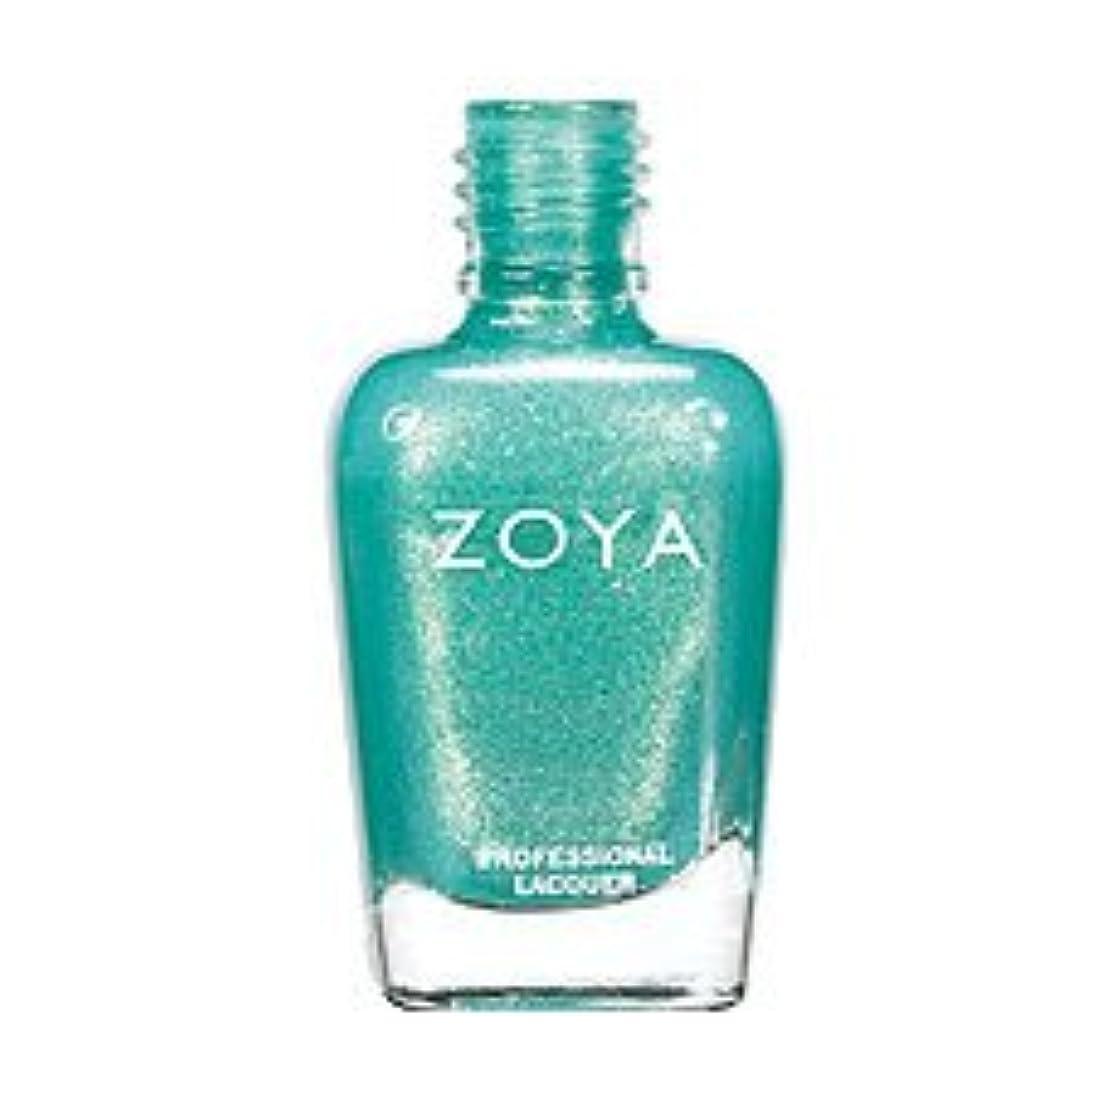 オーバーヘッド広々願望Zoya Vernis à ongles - Zuza ZP625 - Beach and Surf Summer Collection 2012